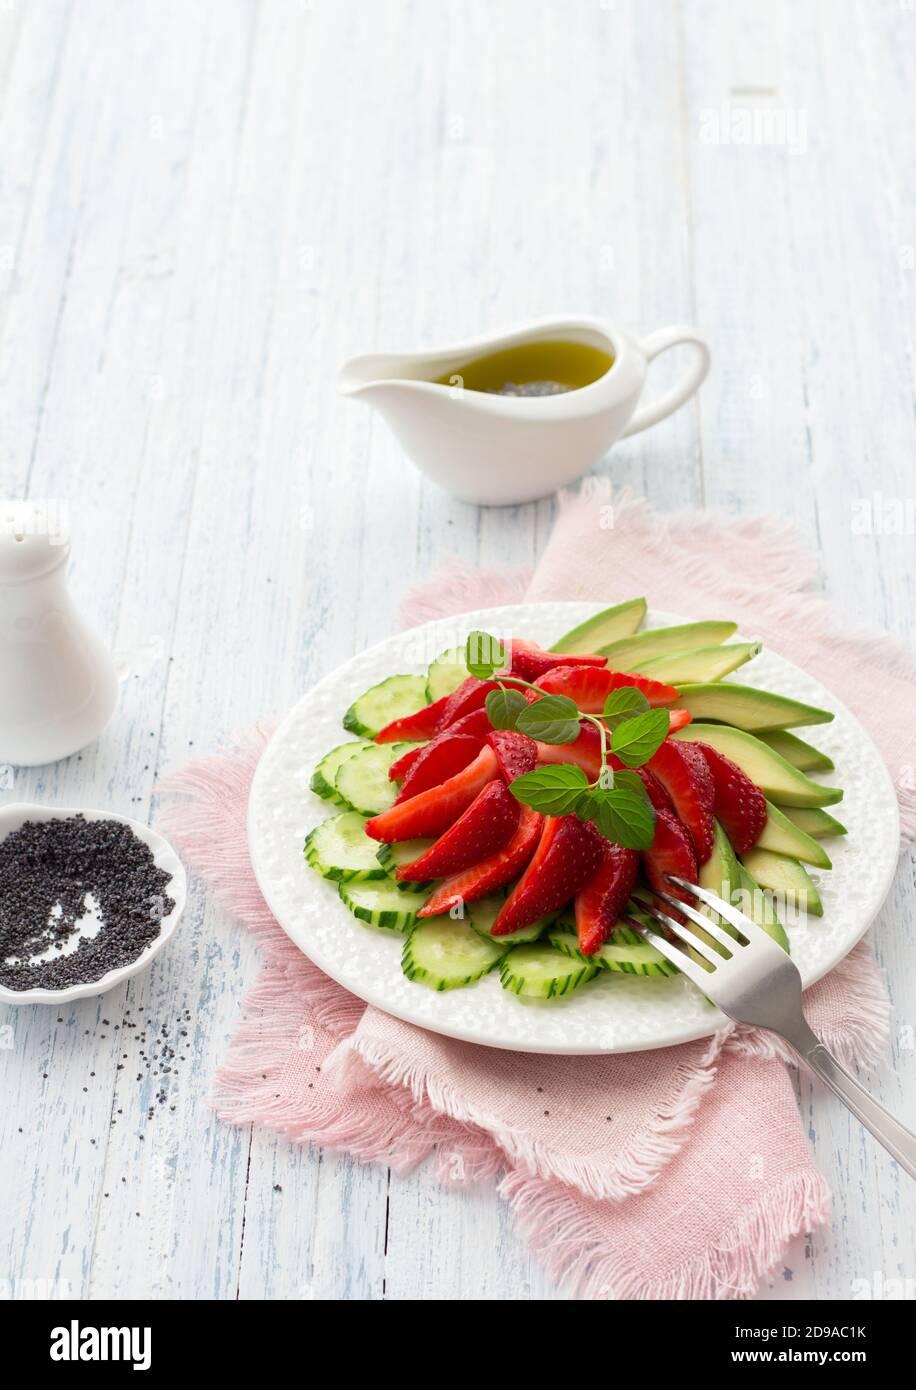 Ensalada vegana de fresa, pepino y aguacate con semillas de amapola, aderezo de aceite y menta. Alimentos frescos, saludables y dietéticos. En un plato blanco y en un blu Foto de stock